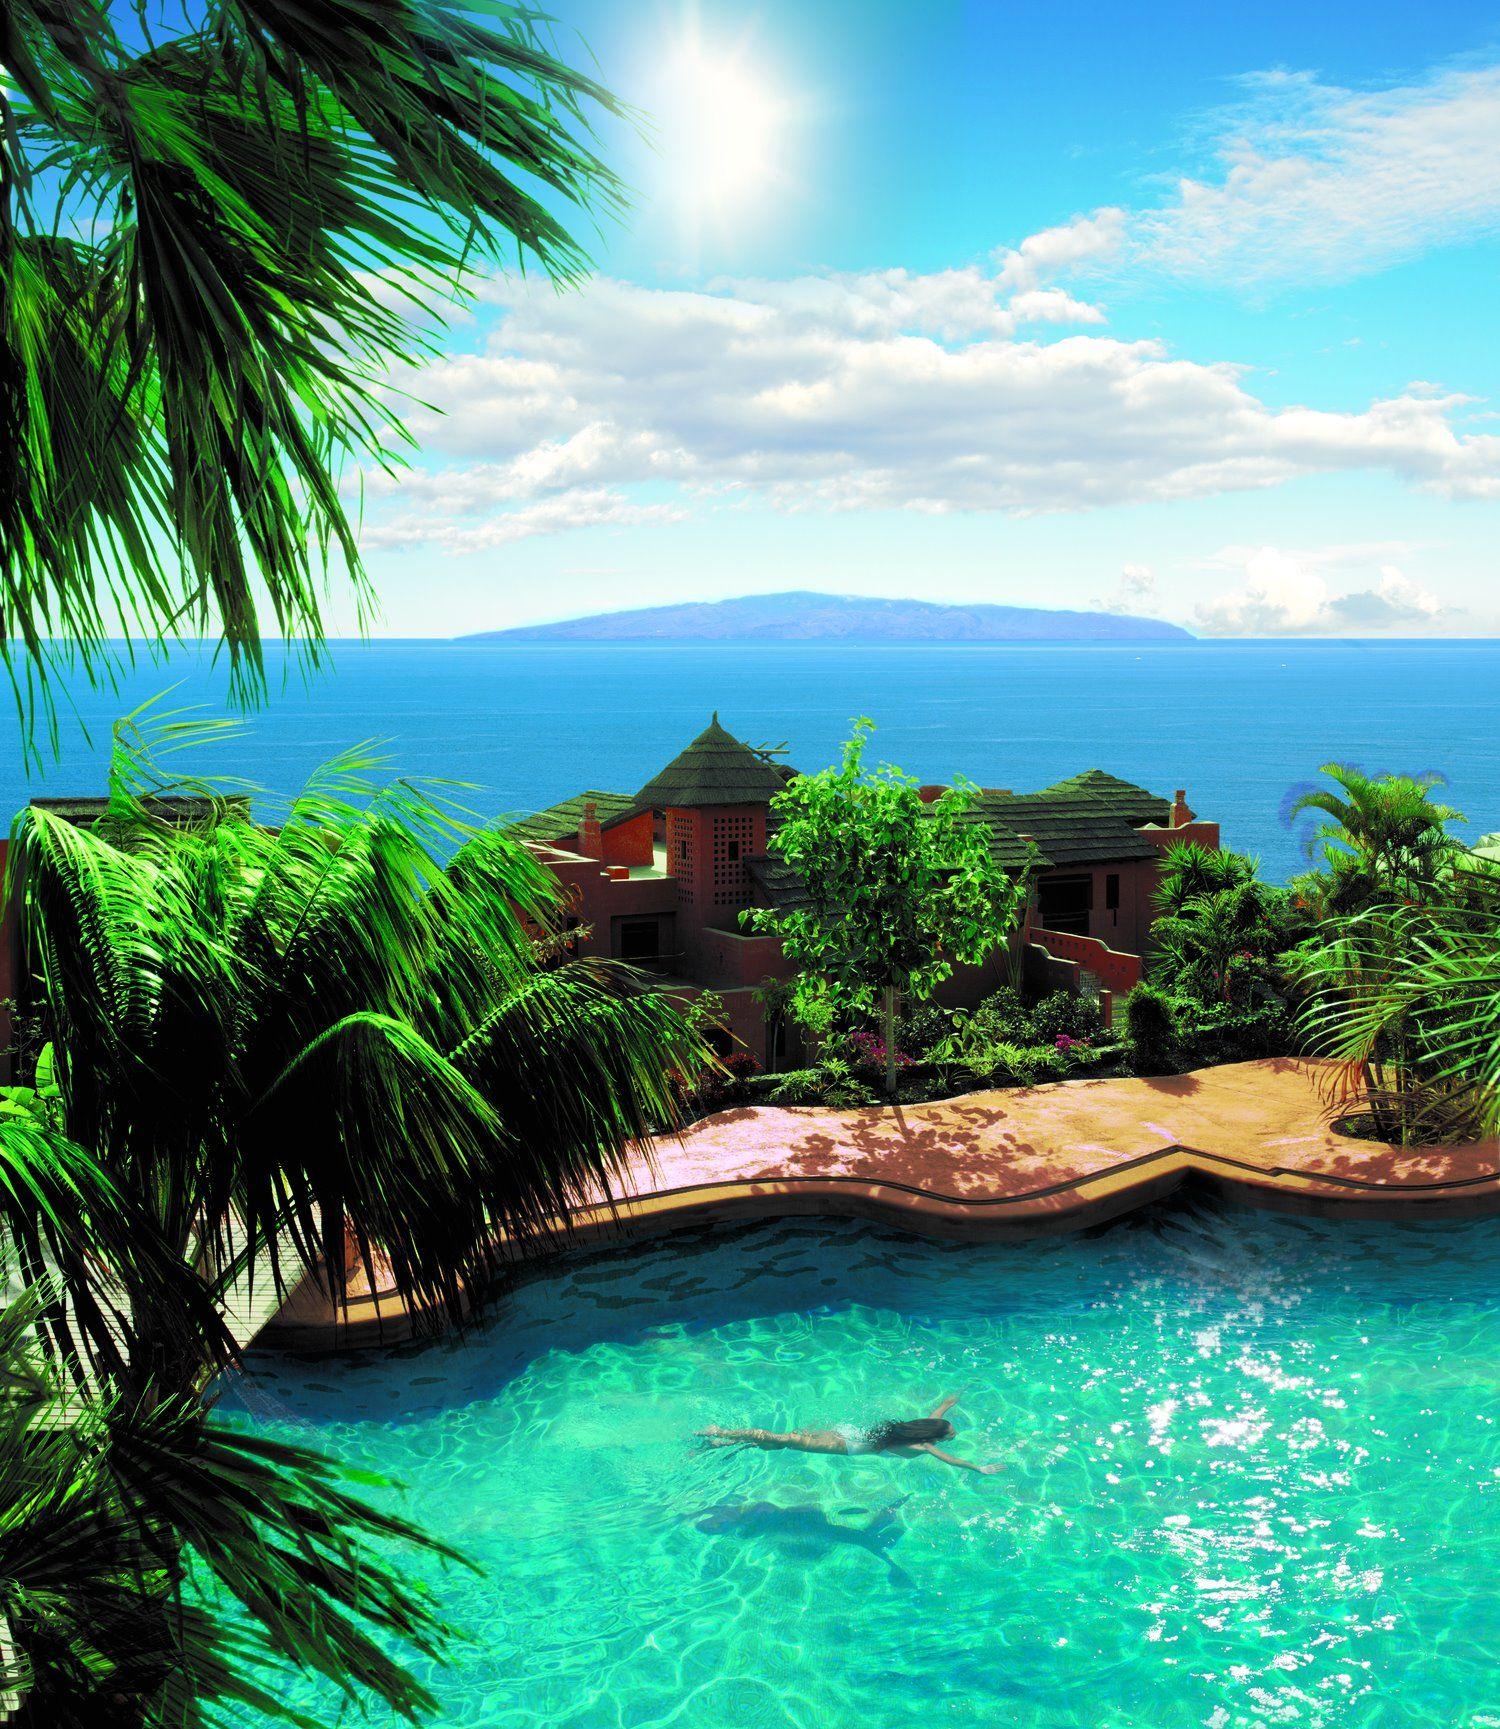 M s de 25 ideas incre bles sobre islas canarias en - Islas canarias con ninos ...